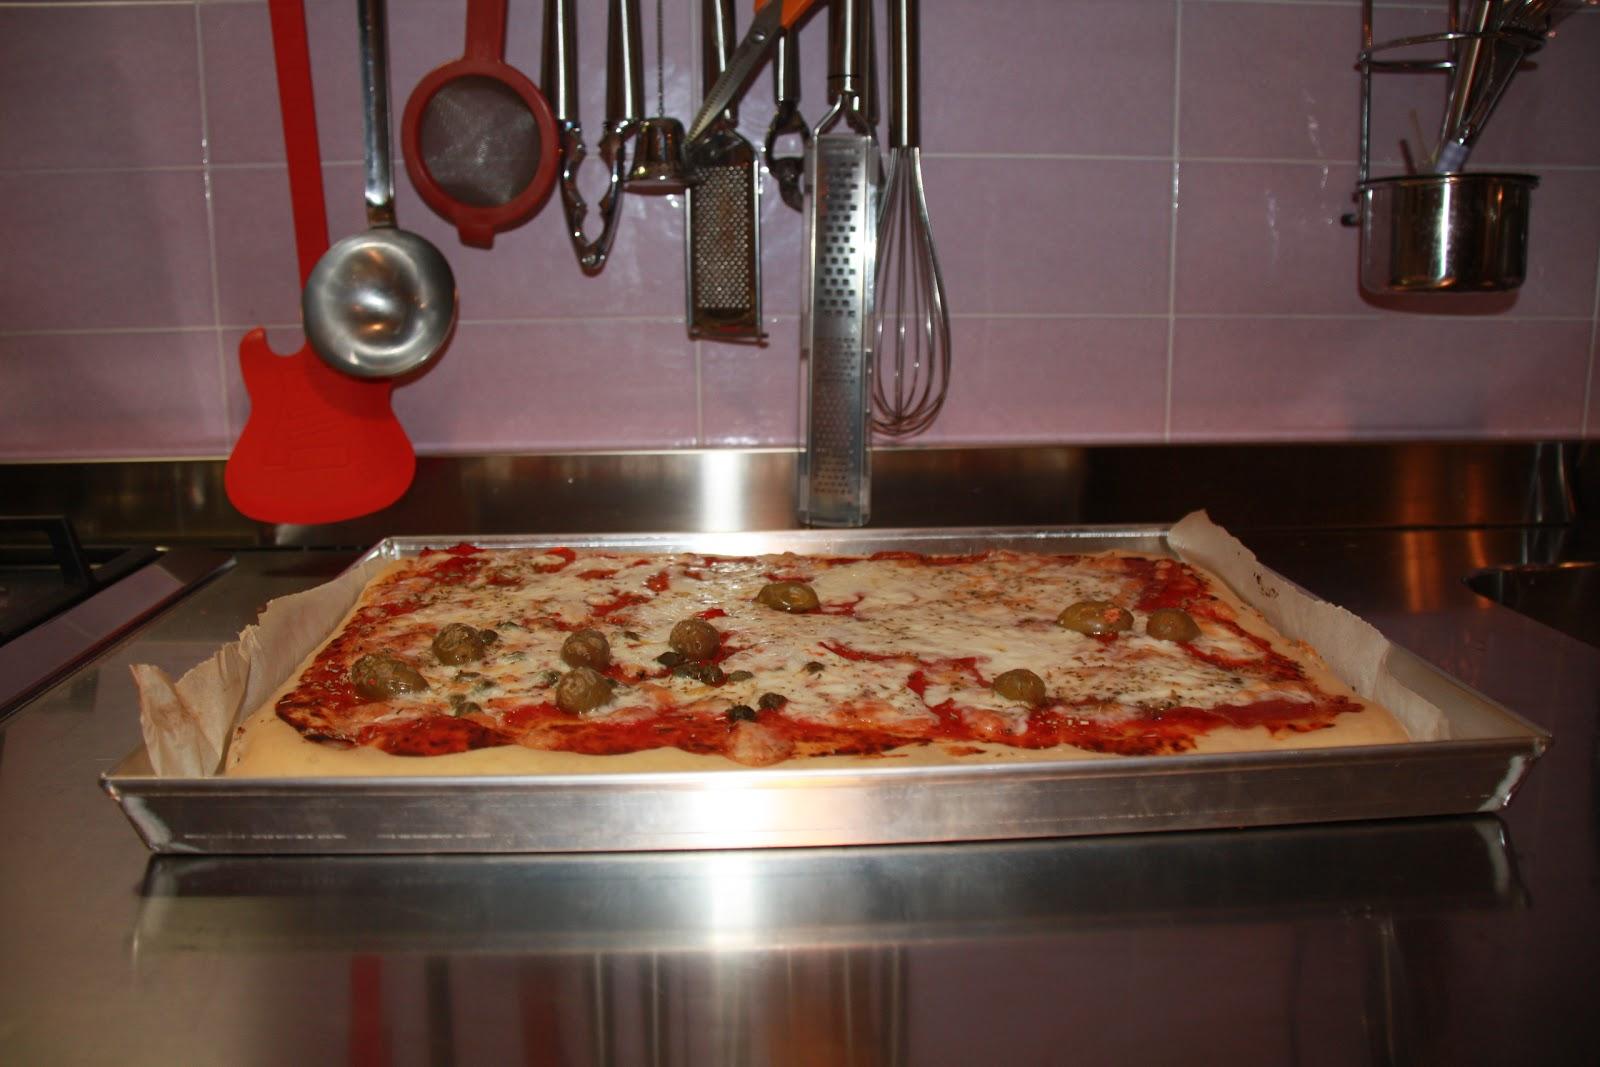 Le ricette di violly e pizza sia for Come faccio a ottenere un prestito per costruire una casa